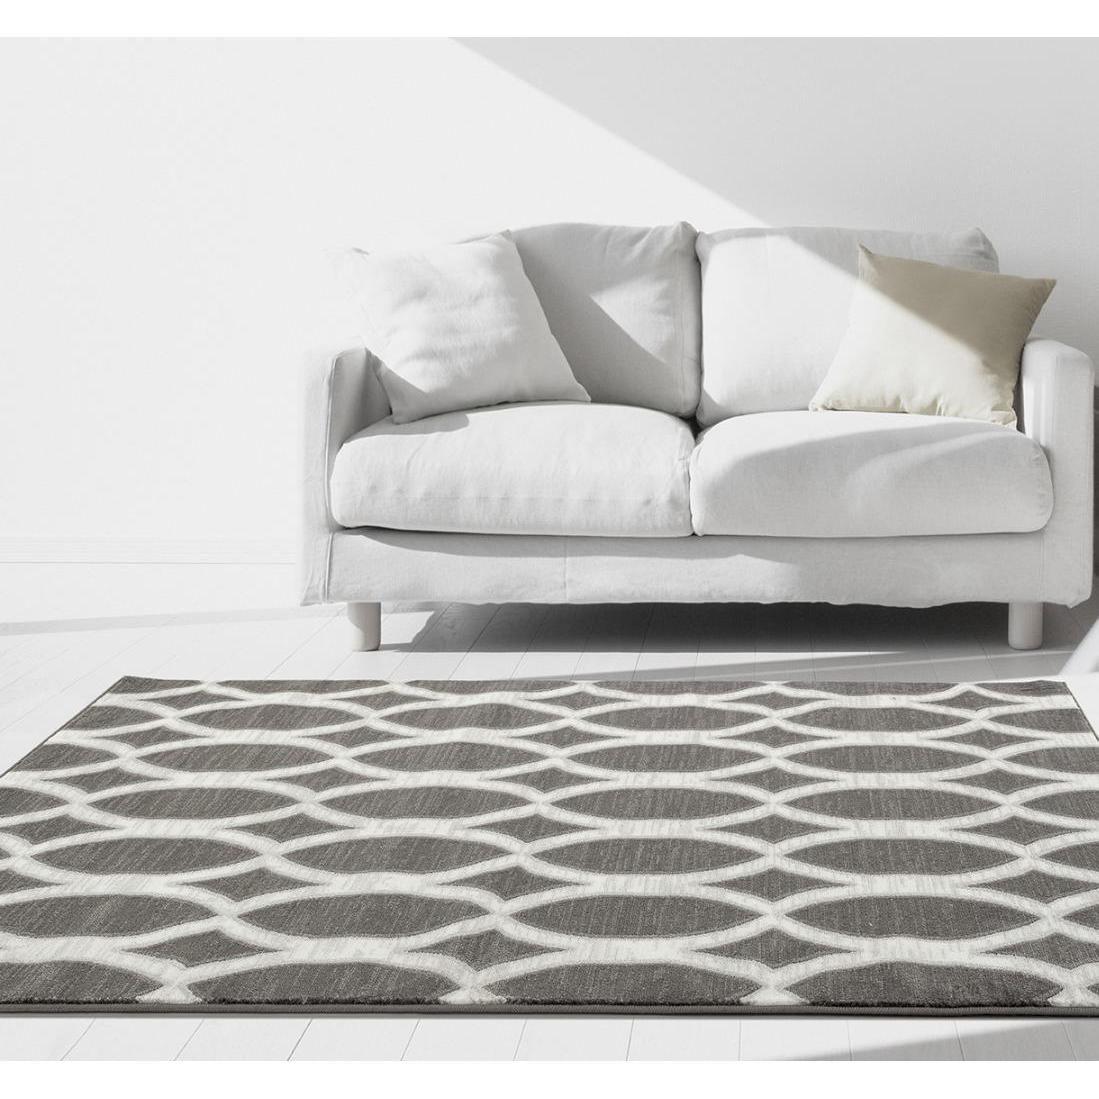 Persian rugs modern trellis grey polypropylene area rug    also